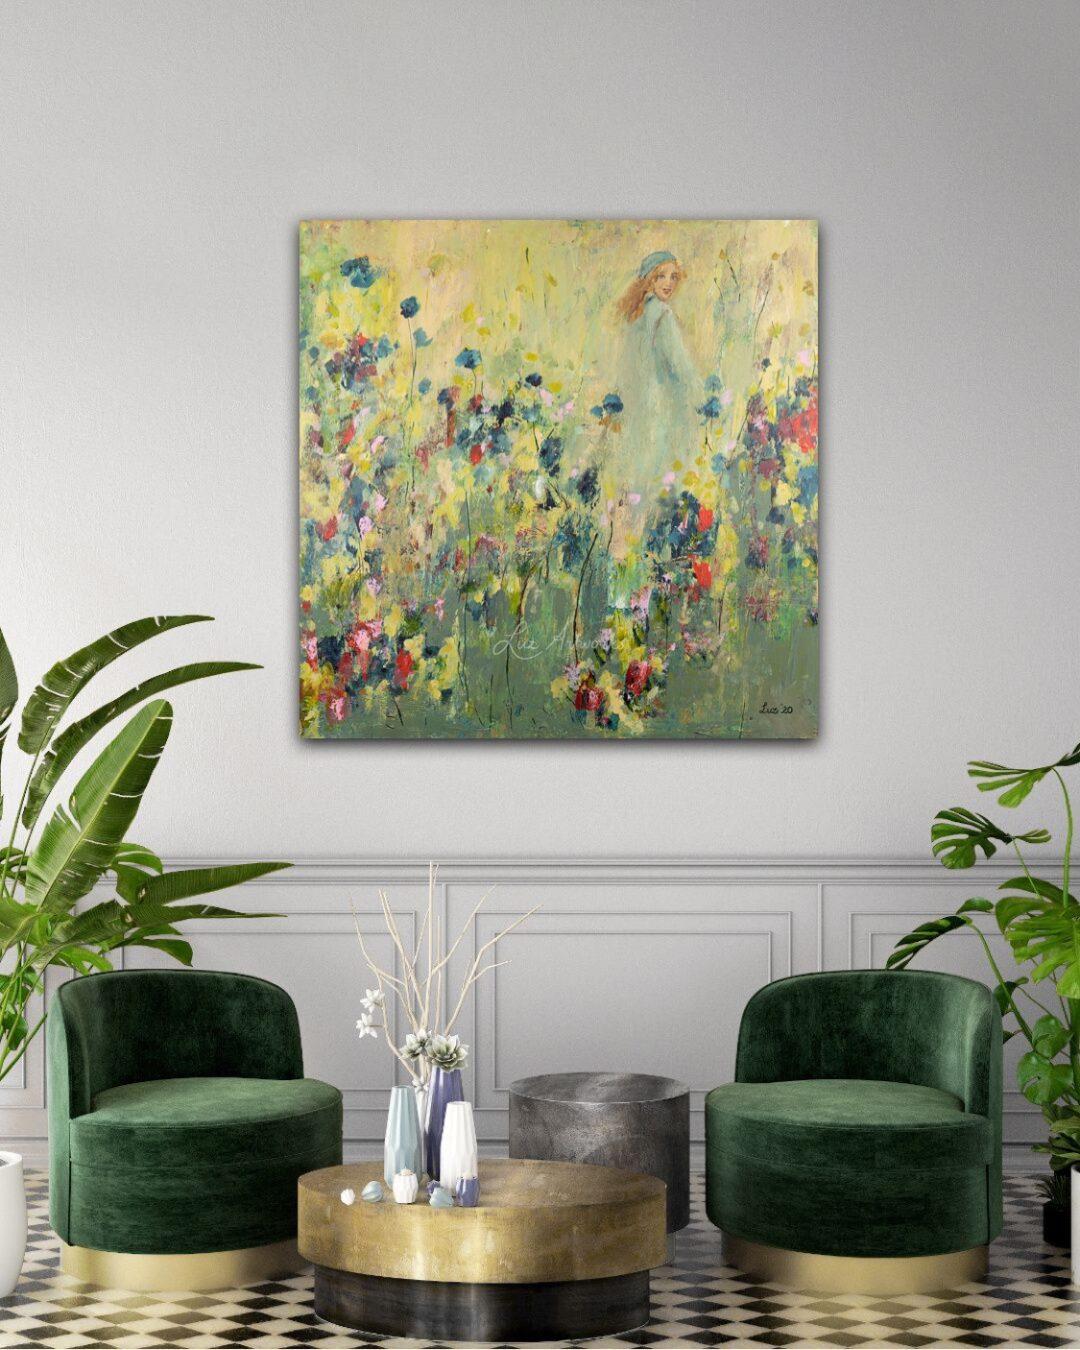 Schilderij Taking a new step door Marloes Bloedjes